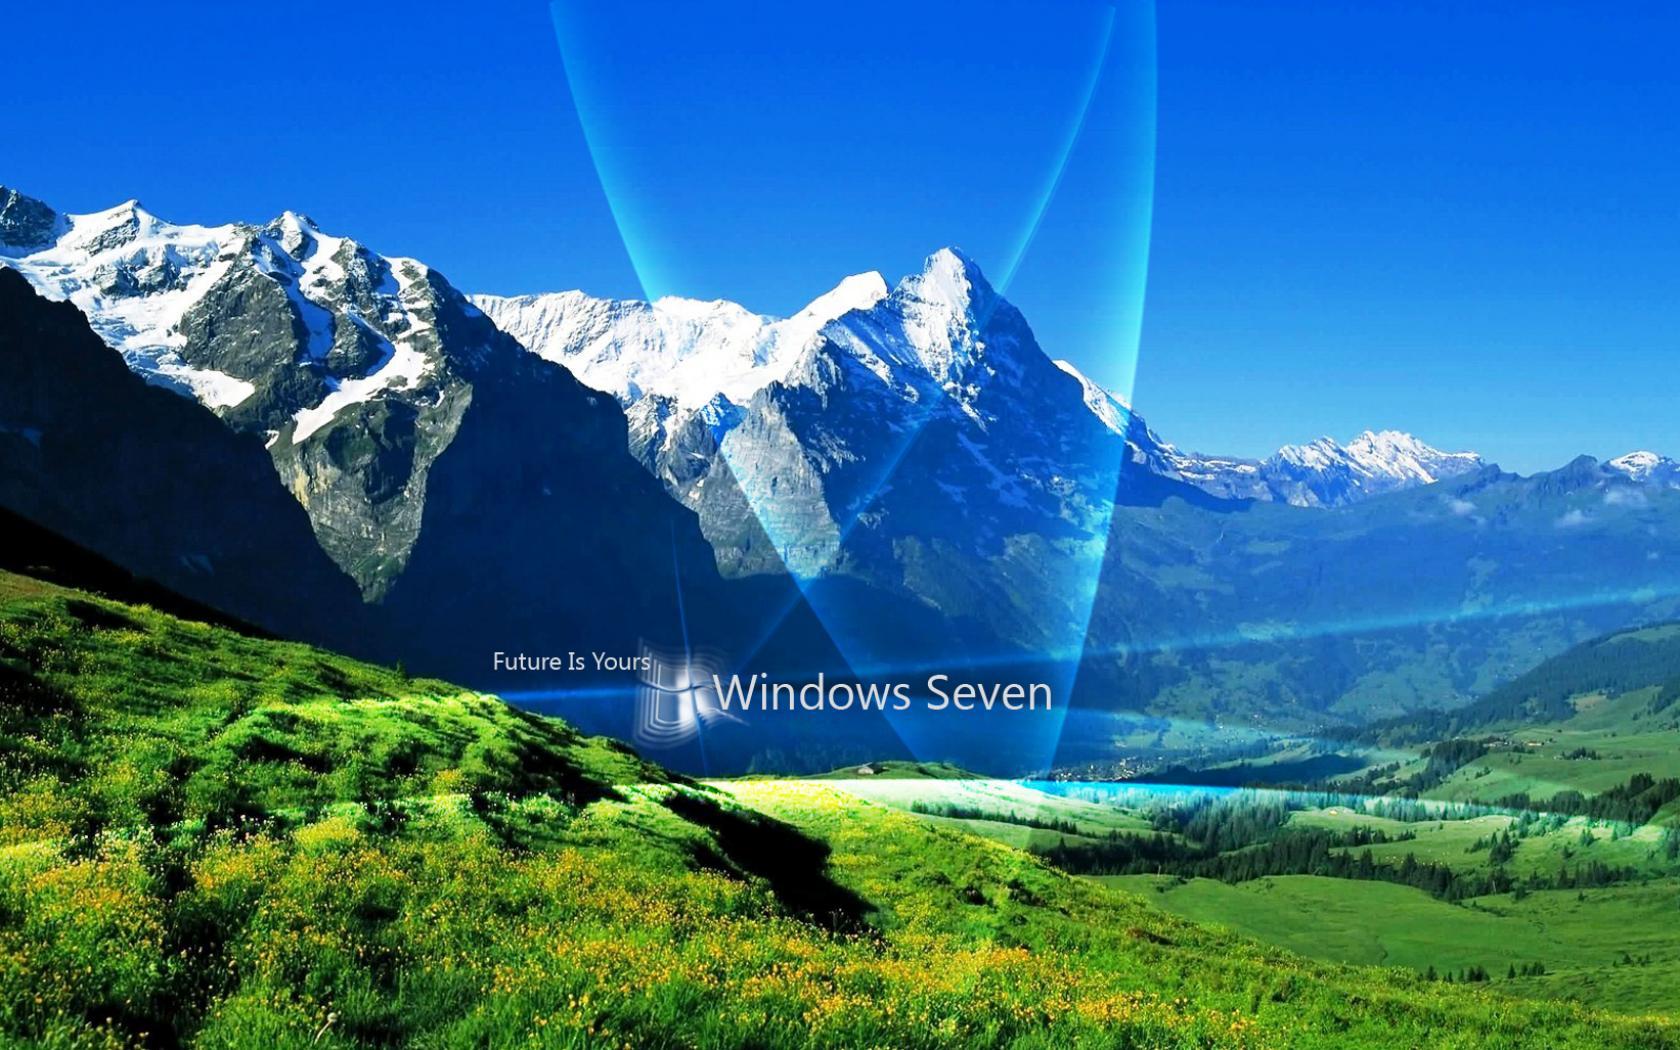 Скачать картинку для рабочего стола windows 7.